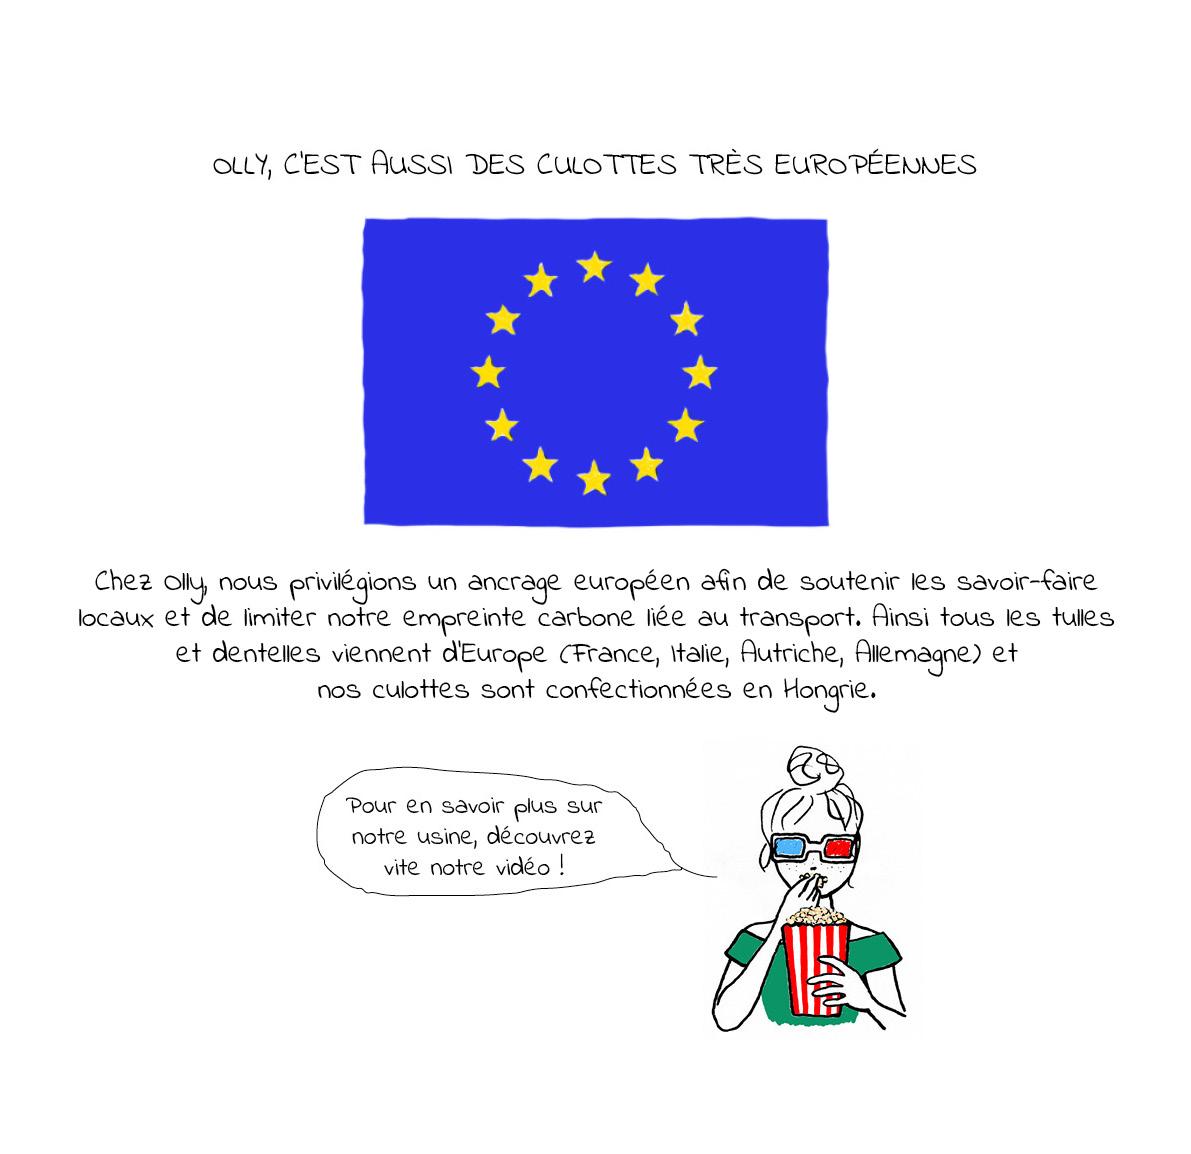 Coton bio et production européeene